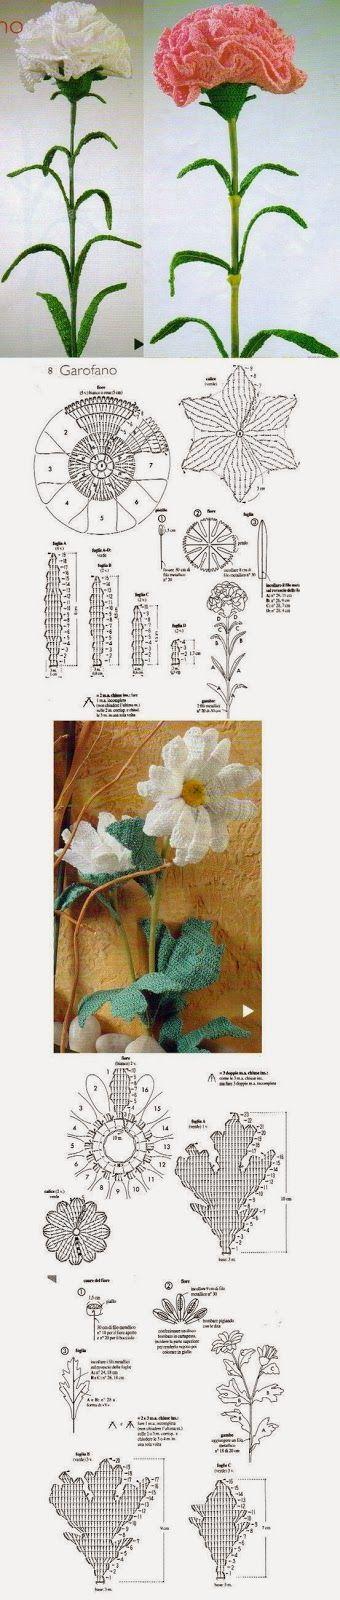 http://spaziolilla.blogspot.com.es/2014/03/fiori-alluncinetto-schemi-gratuiti-free.html